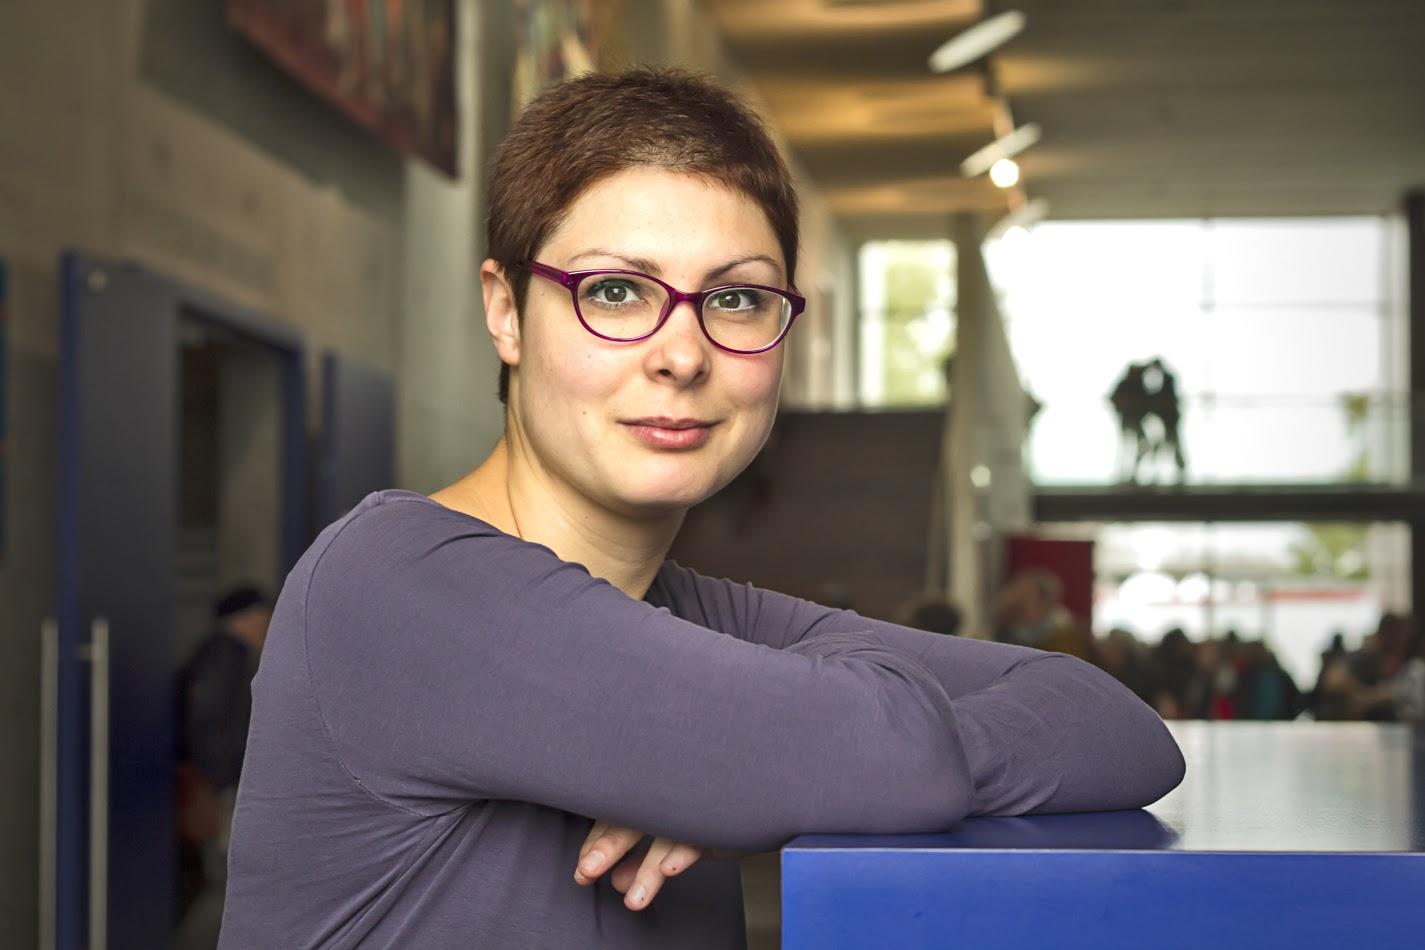 Aurélie Meunier